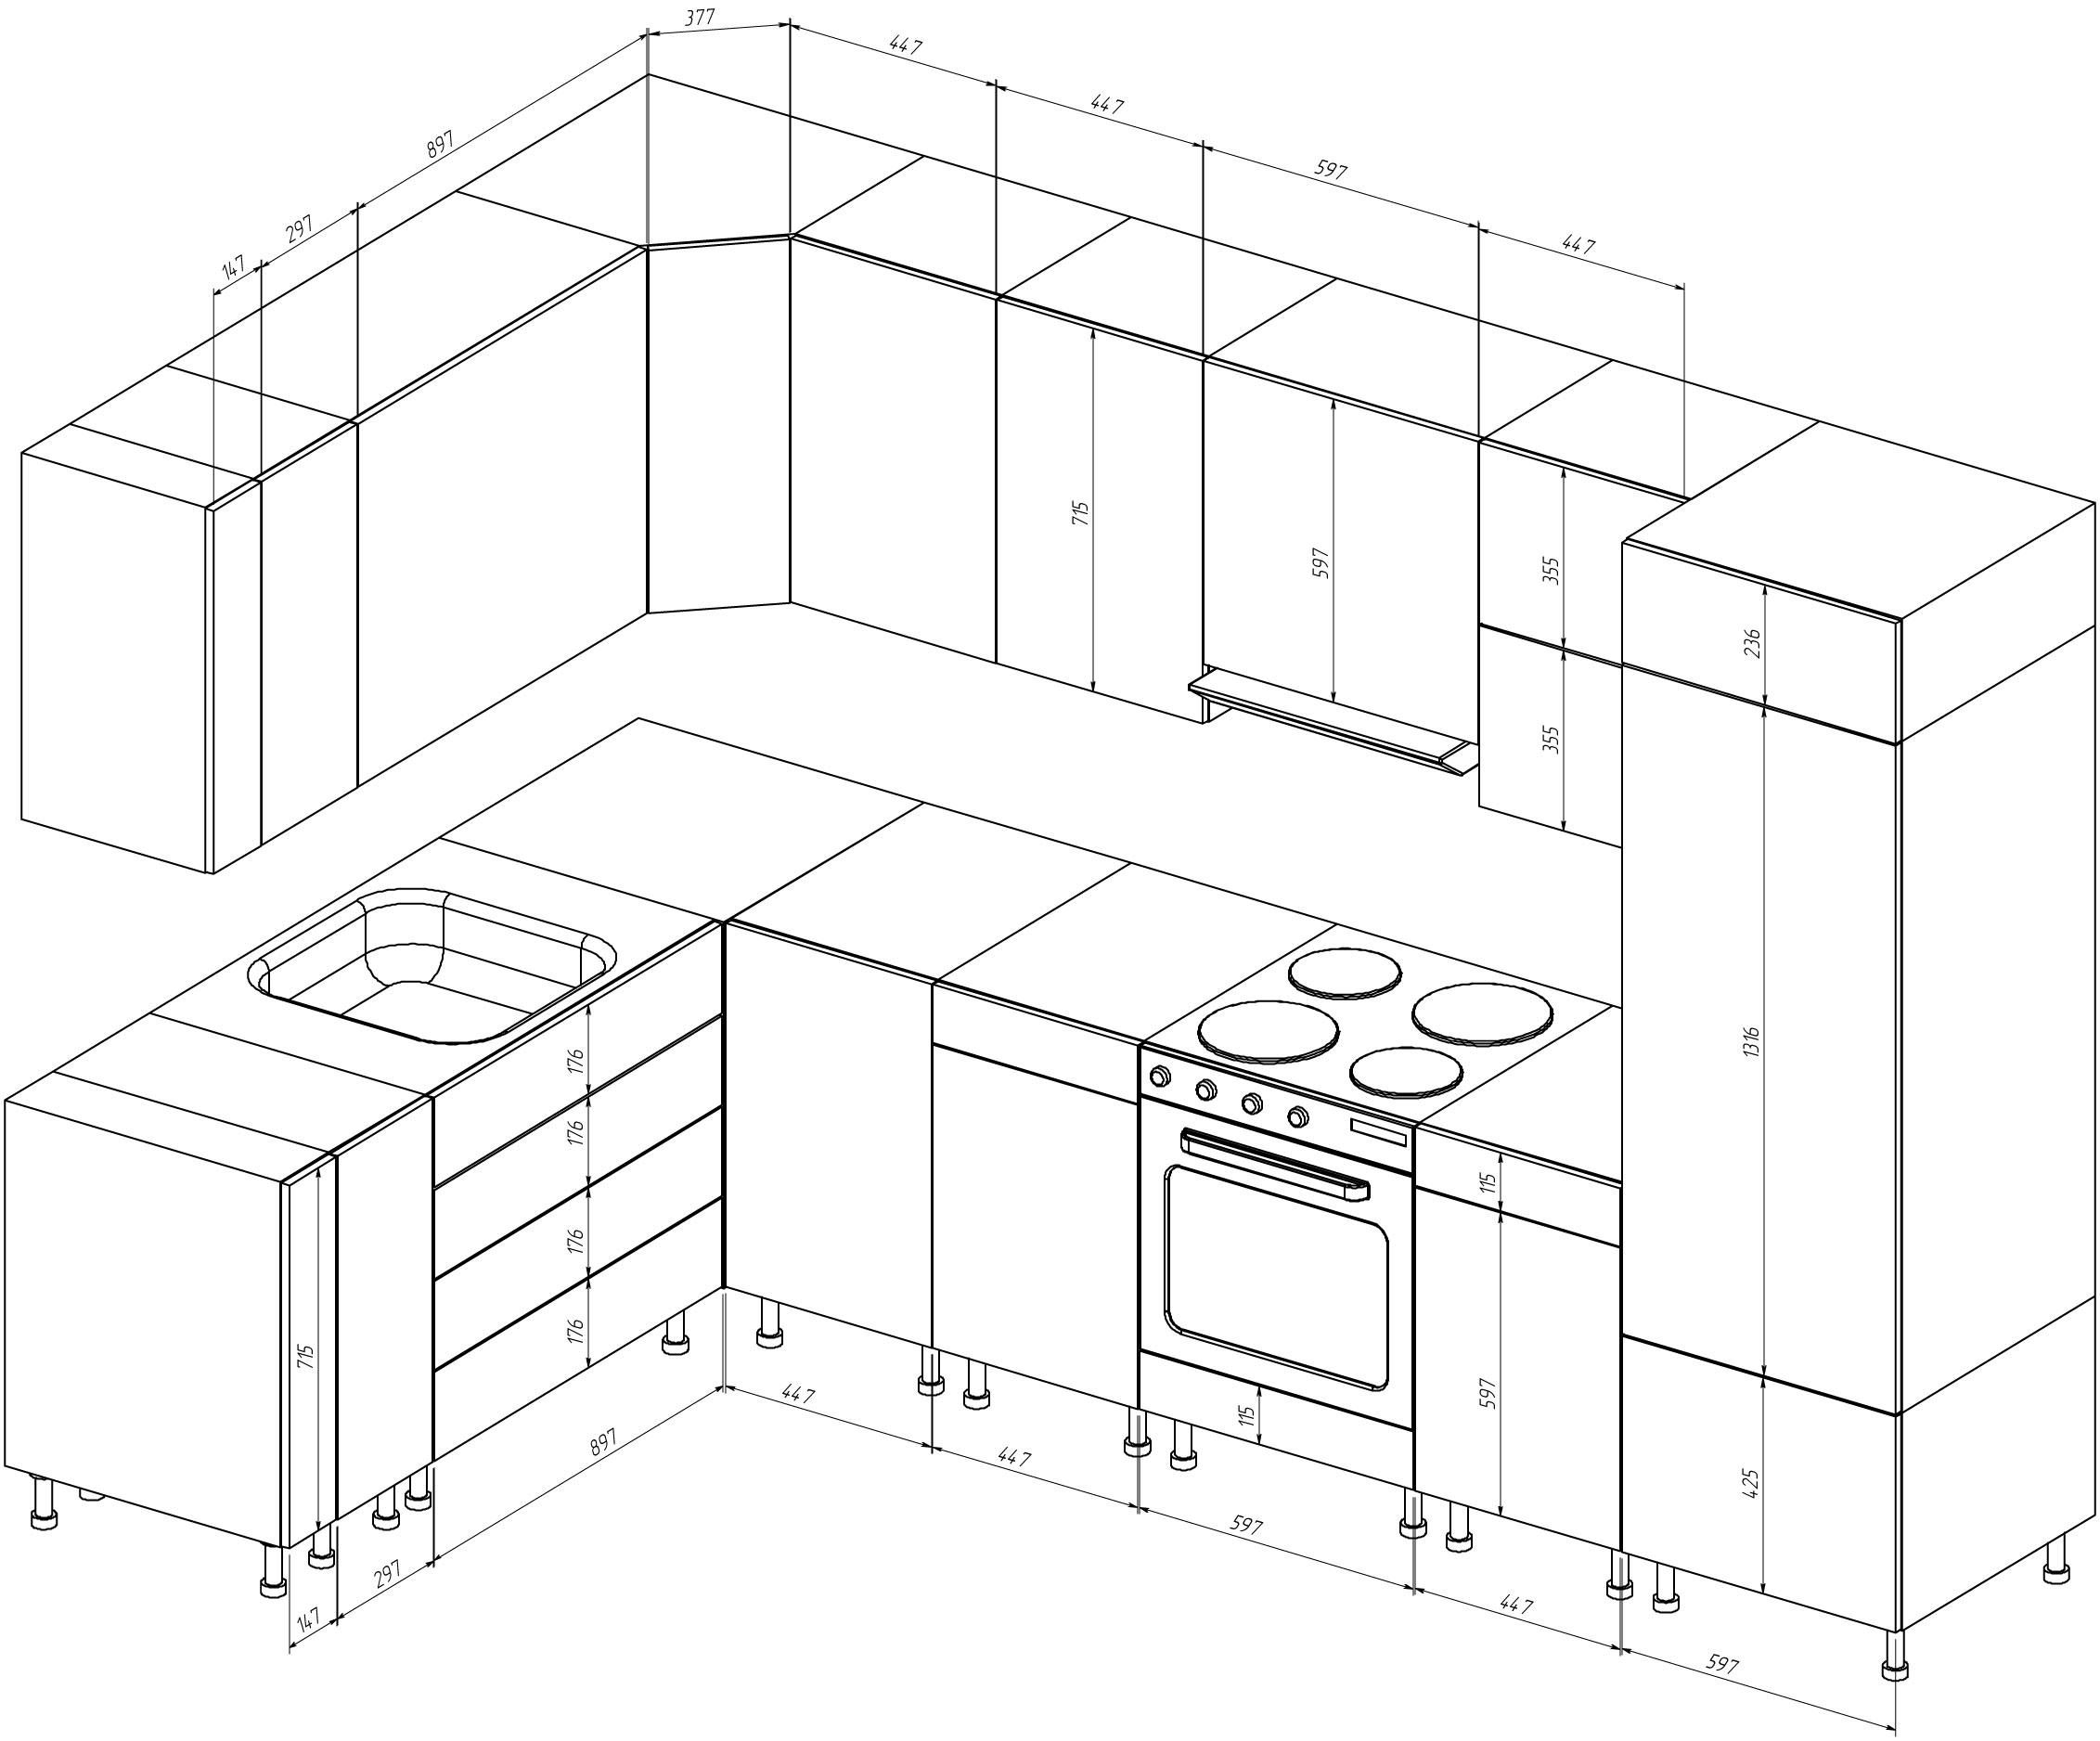 Las dimensiones de los gabinetes de cocina colgantes son estándar ...